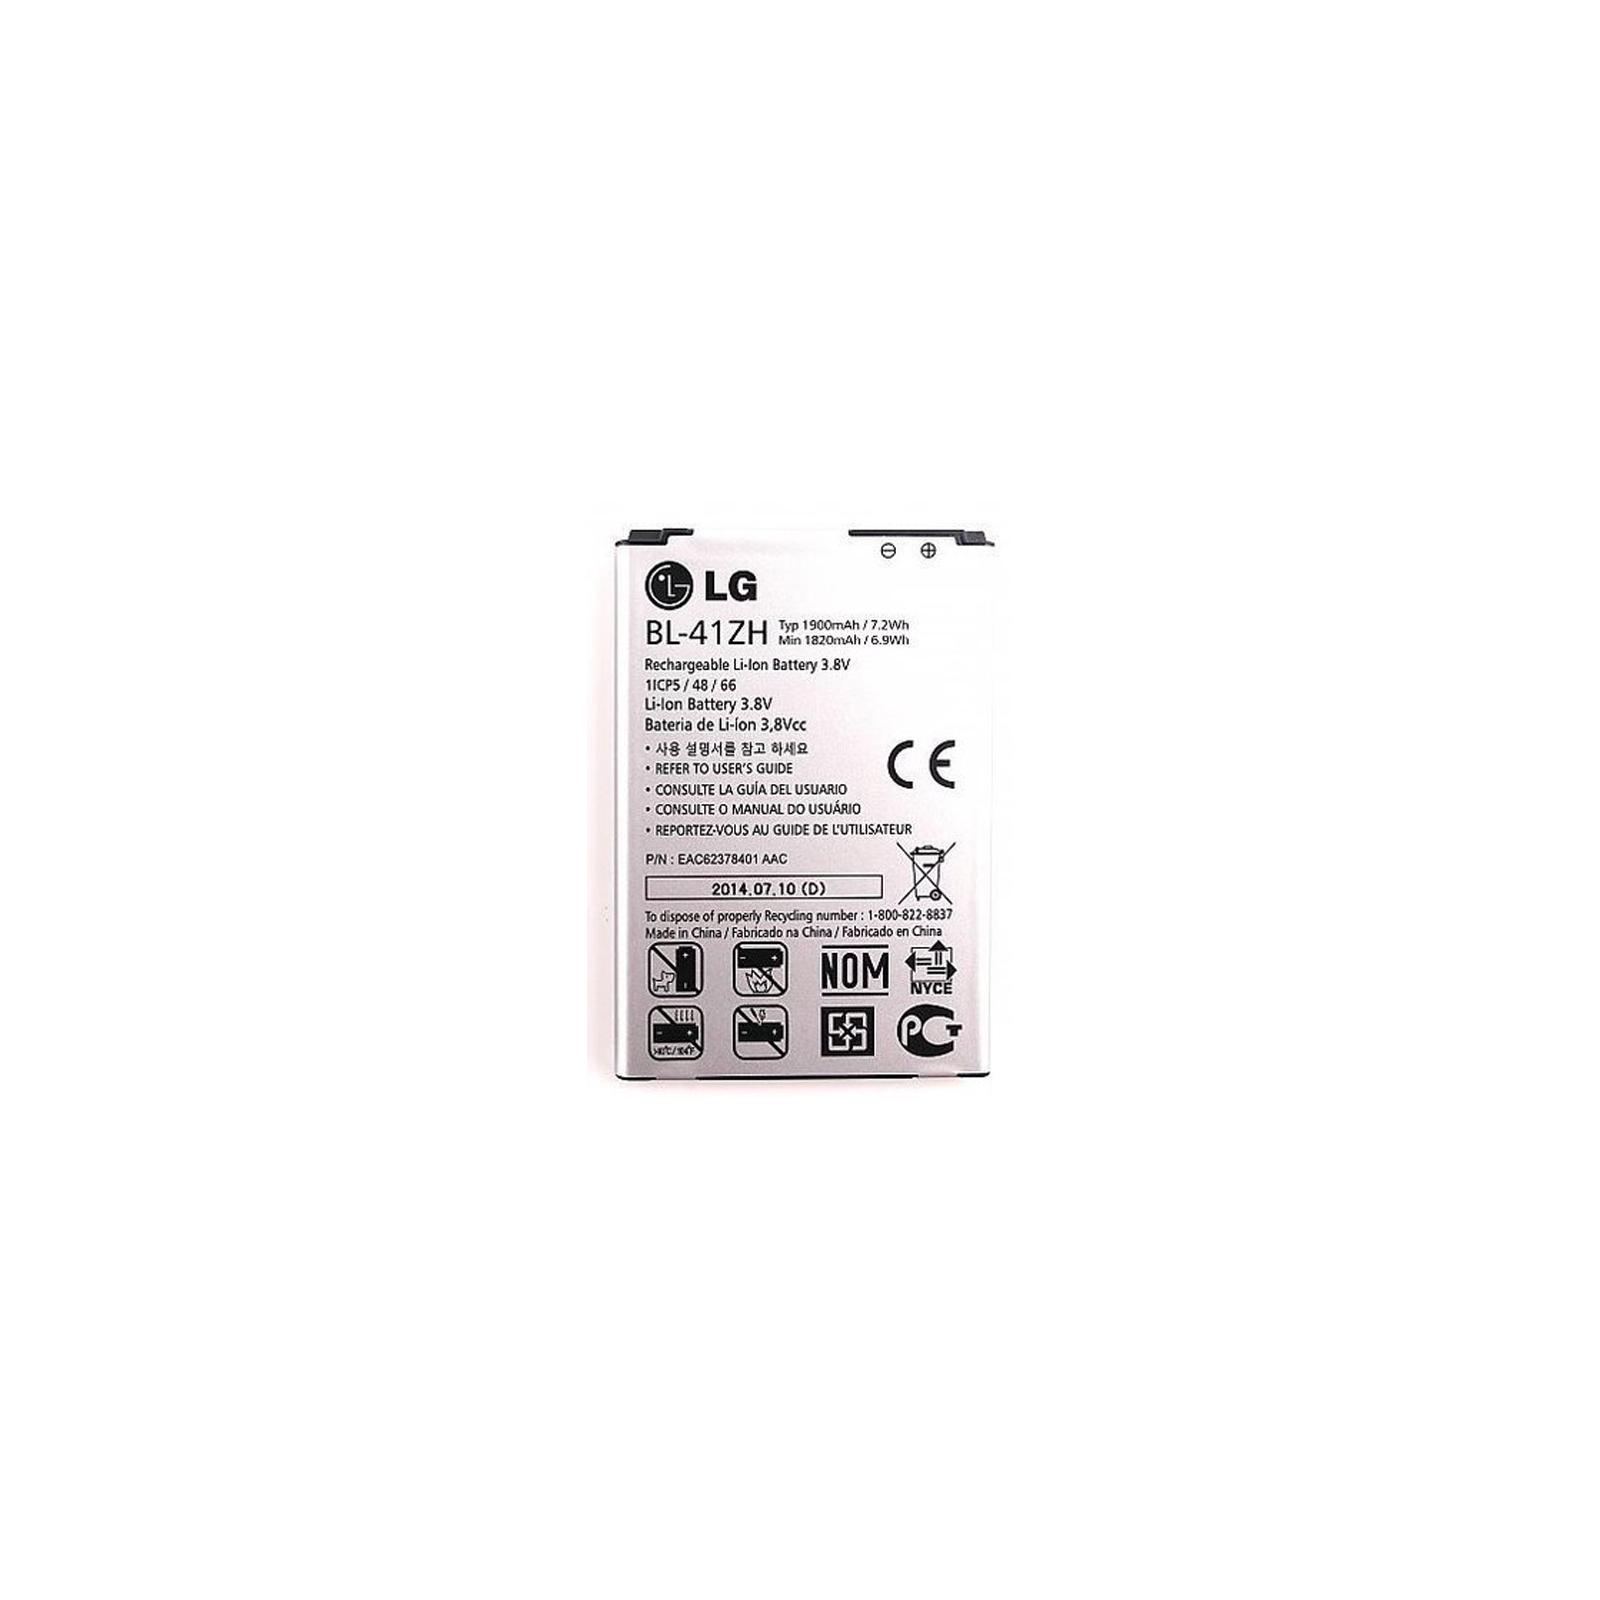 Аккумуляторная батарея LG for L FINO/LEON/L50/D213/D221/D295/H324 (BL-41ZH / 37272)